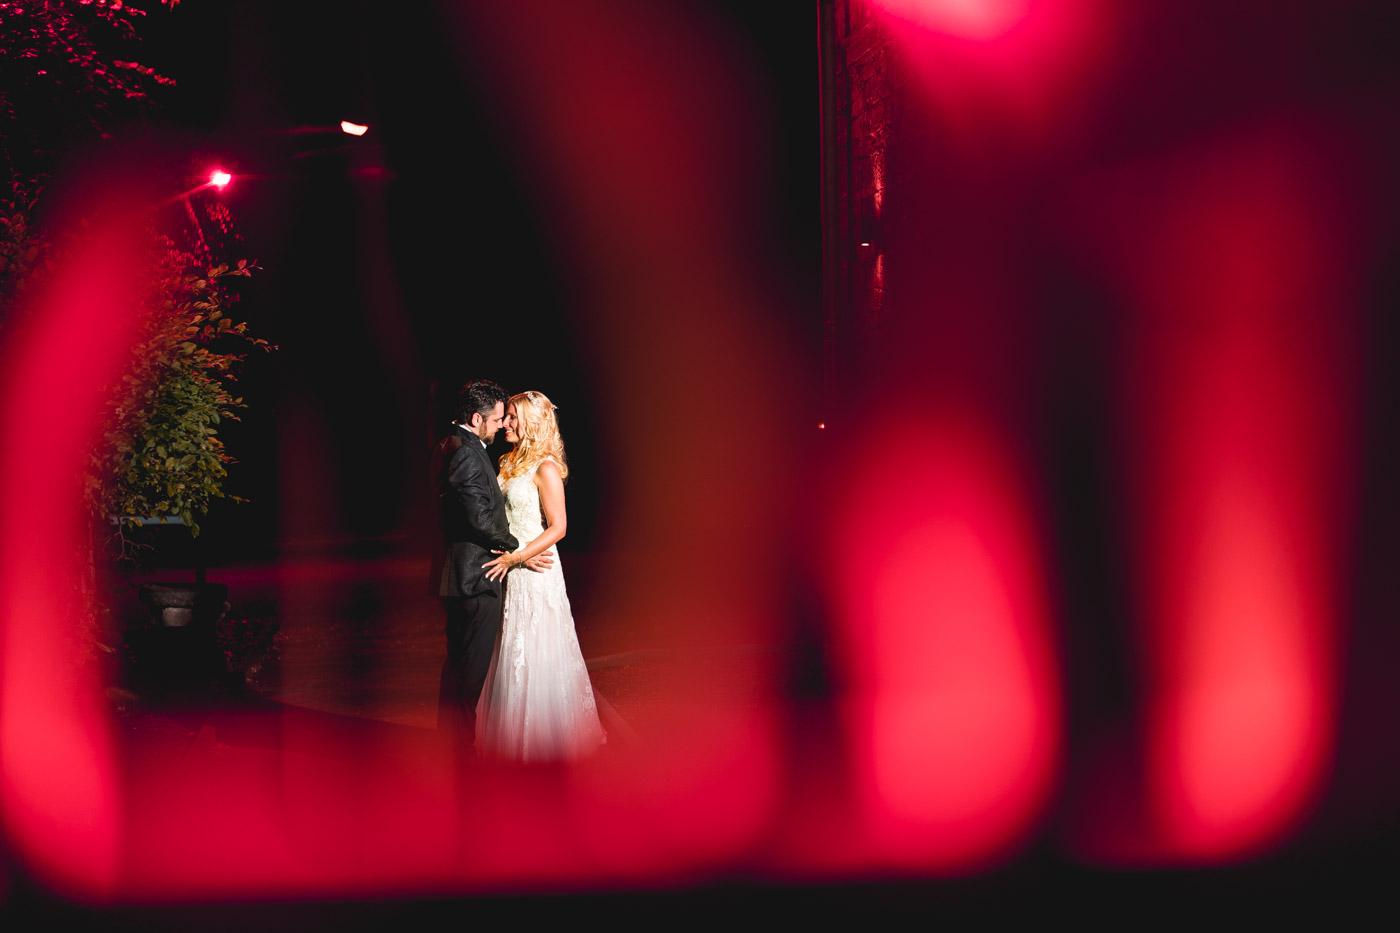 127 Hochzeitsfotograf fulda stefan franke hochzeitsreportage